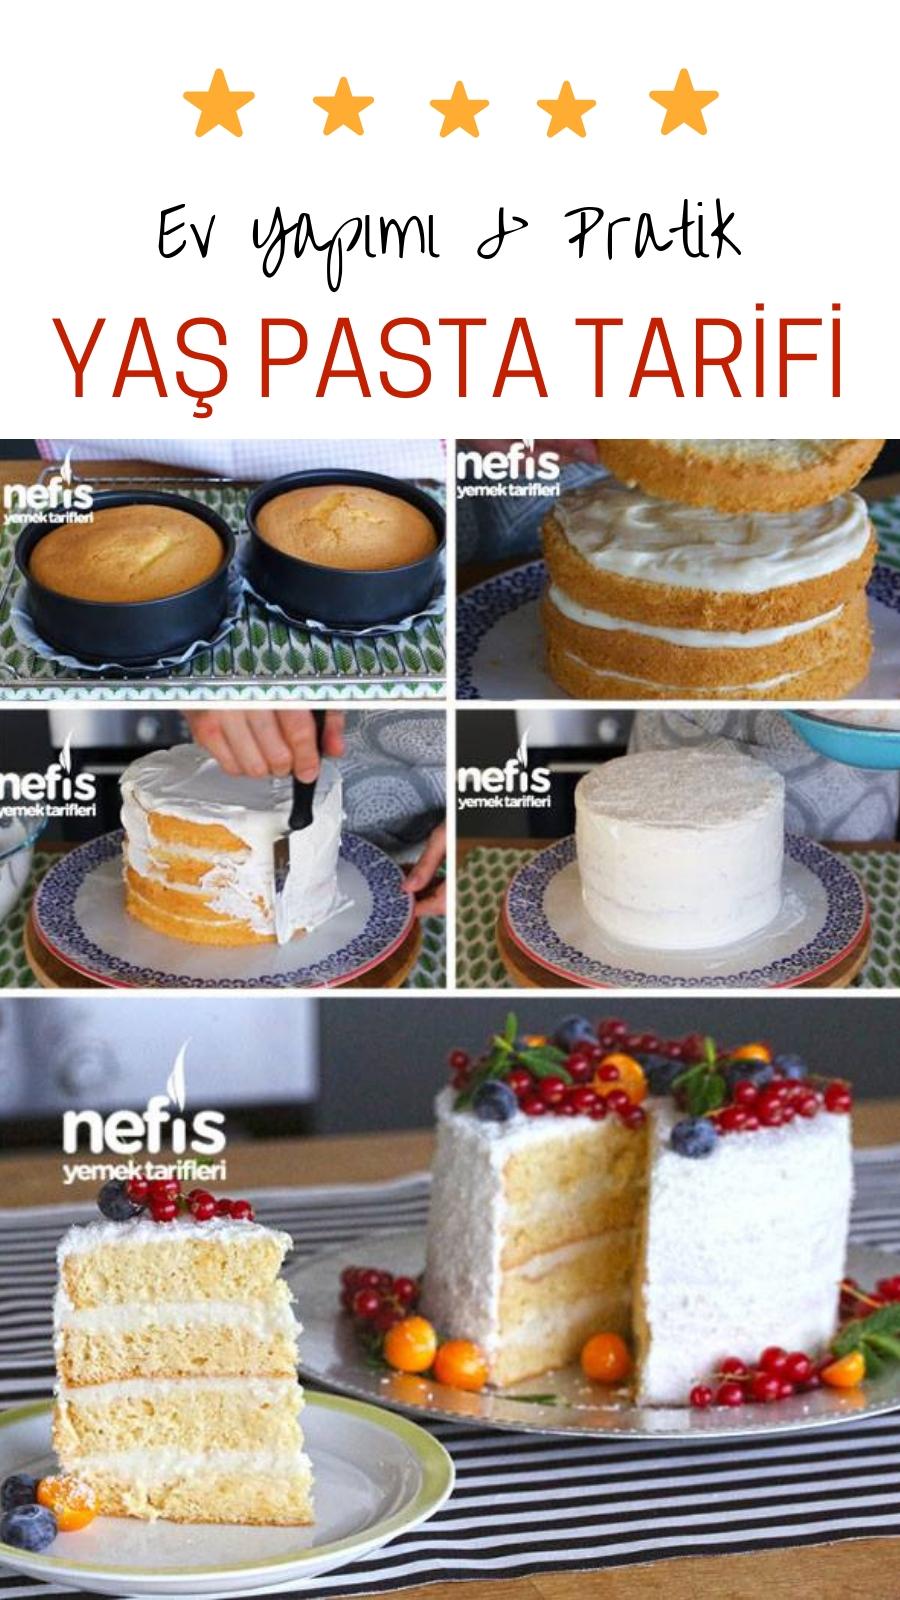 Sabah Çiyi Pastası Tarifi